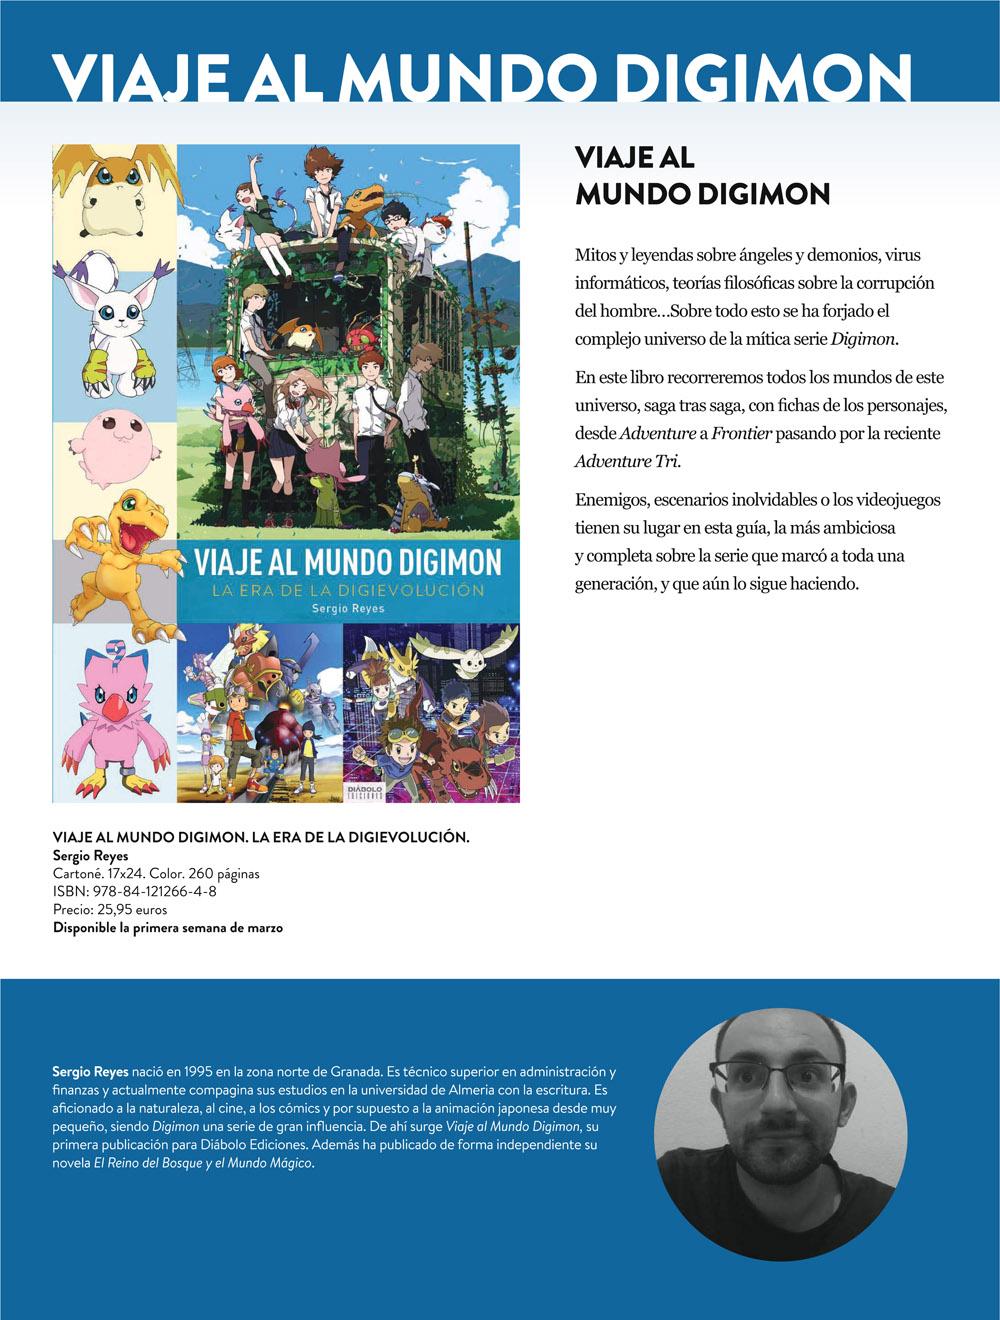 di-bolo-magazine-001.jpg